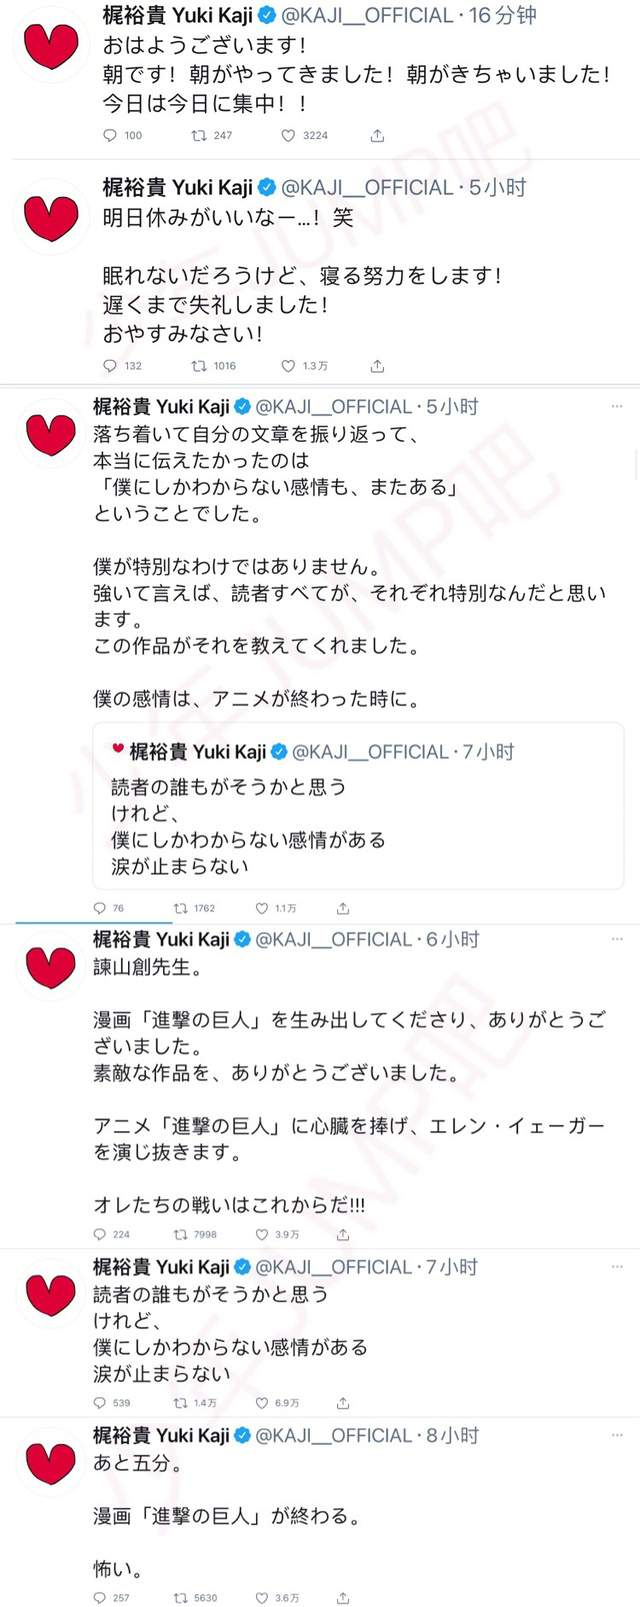 梶裕贵为漫画「进击的巨人」完结发文